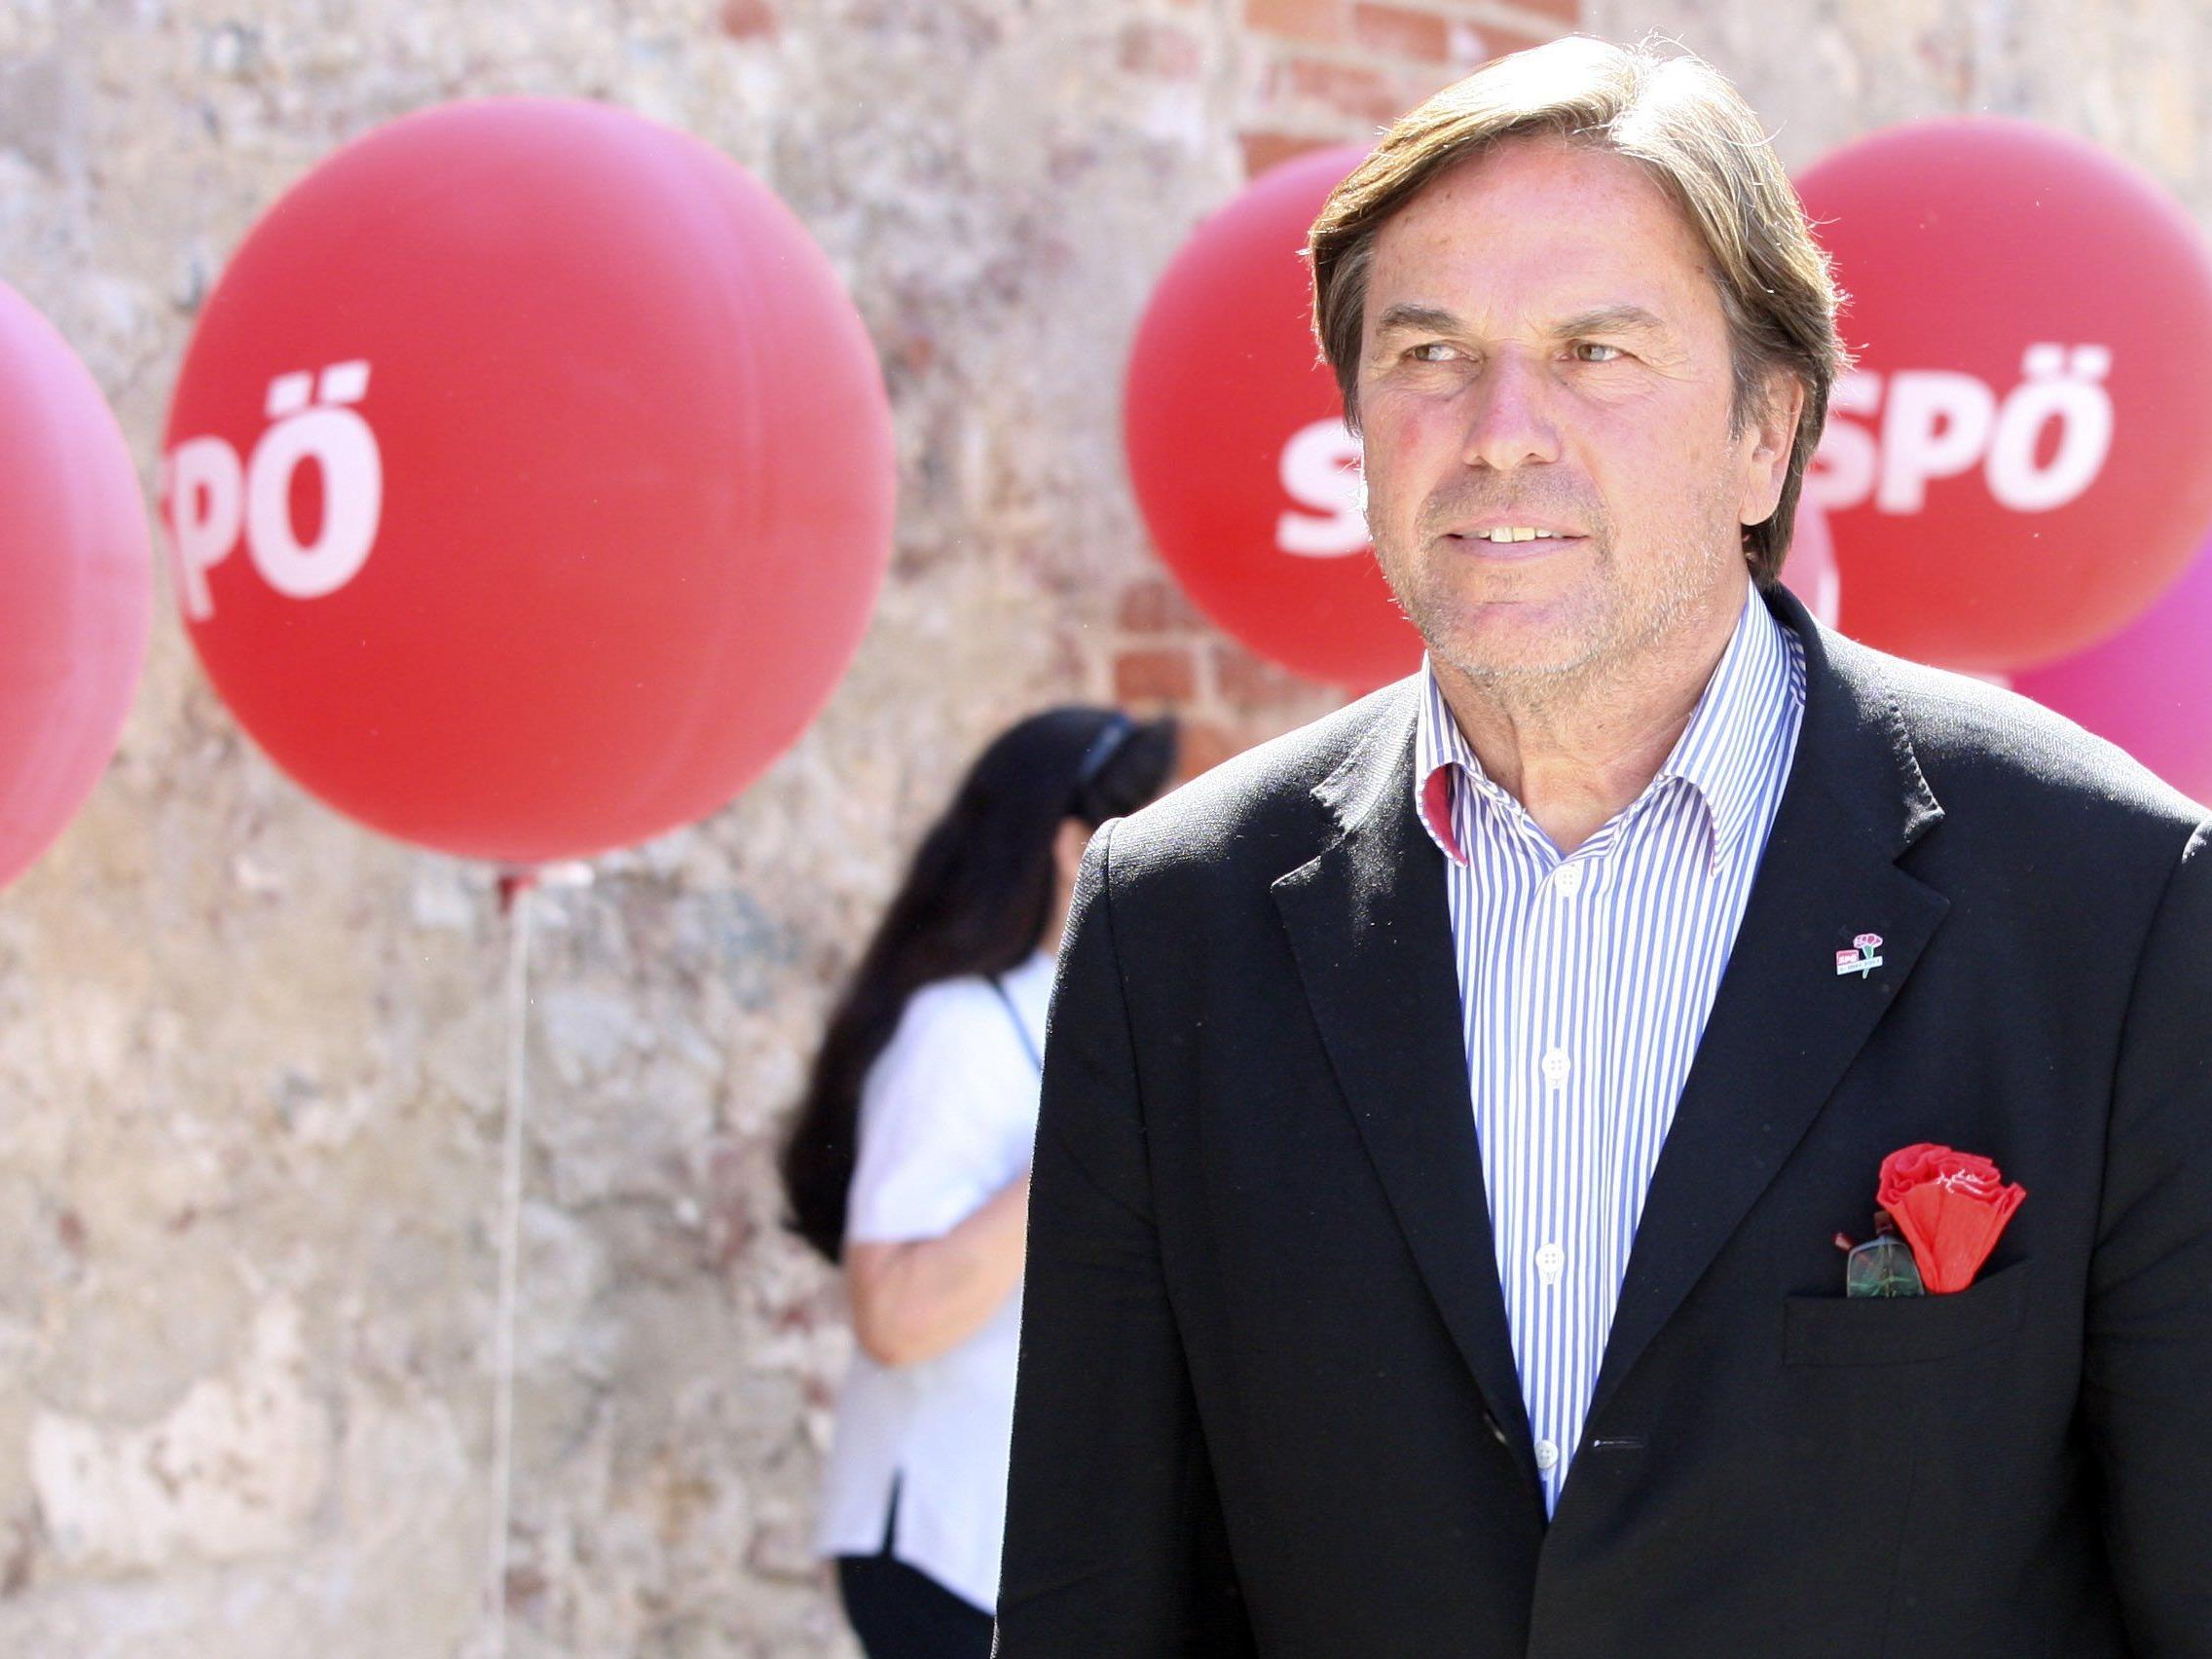 SPÖ und KPÖ werden am 1. Mai am Hauptplatz Kundgebungen abhalten.